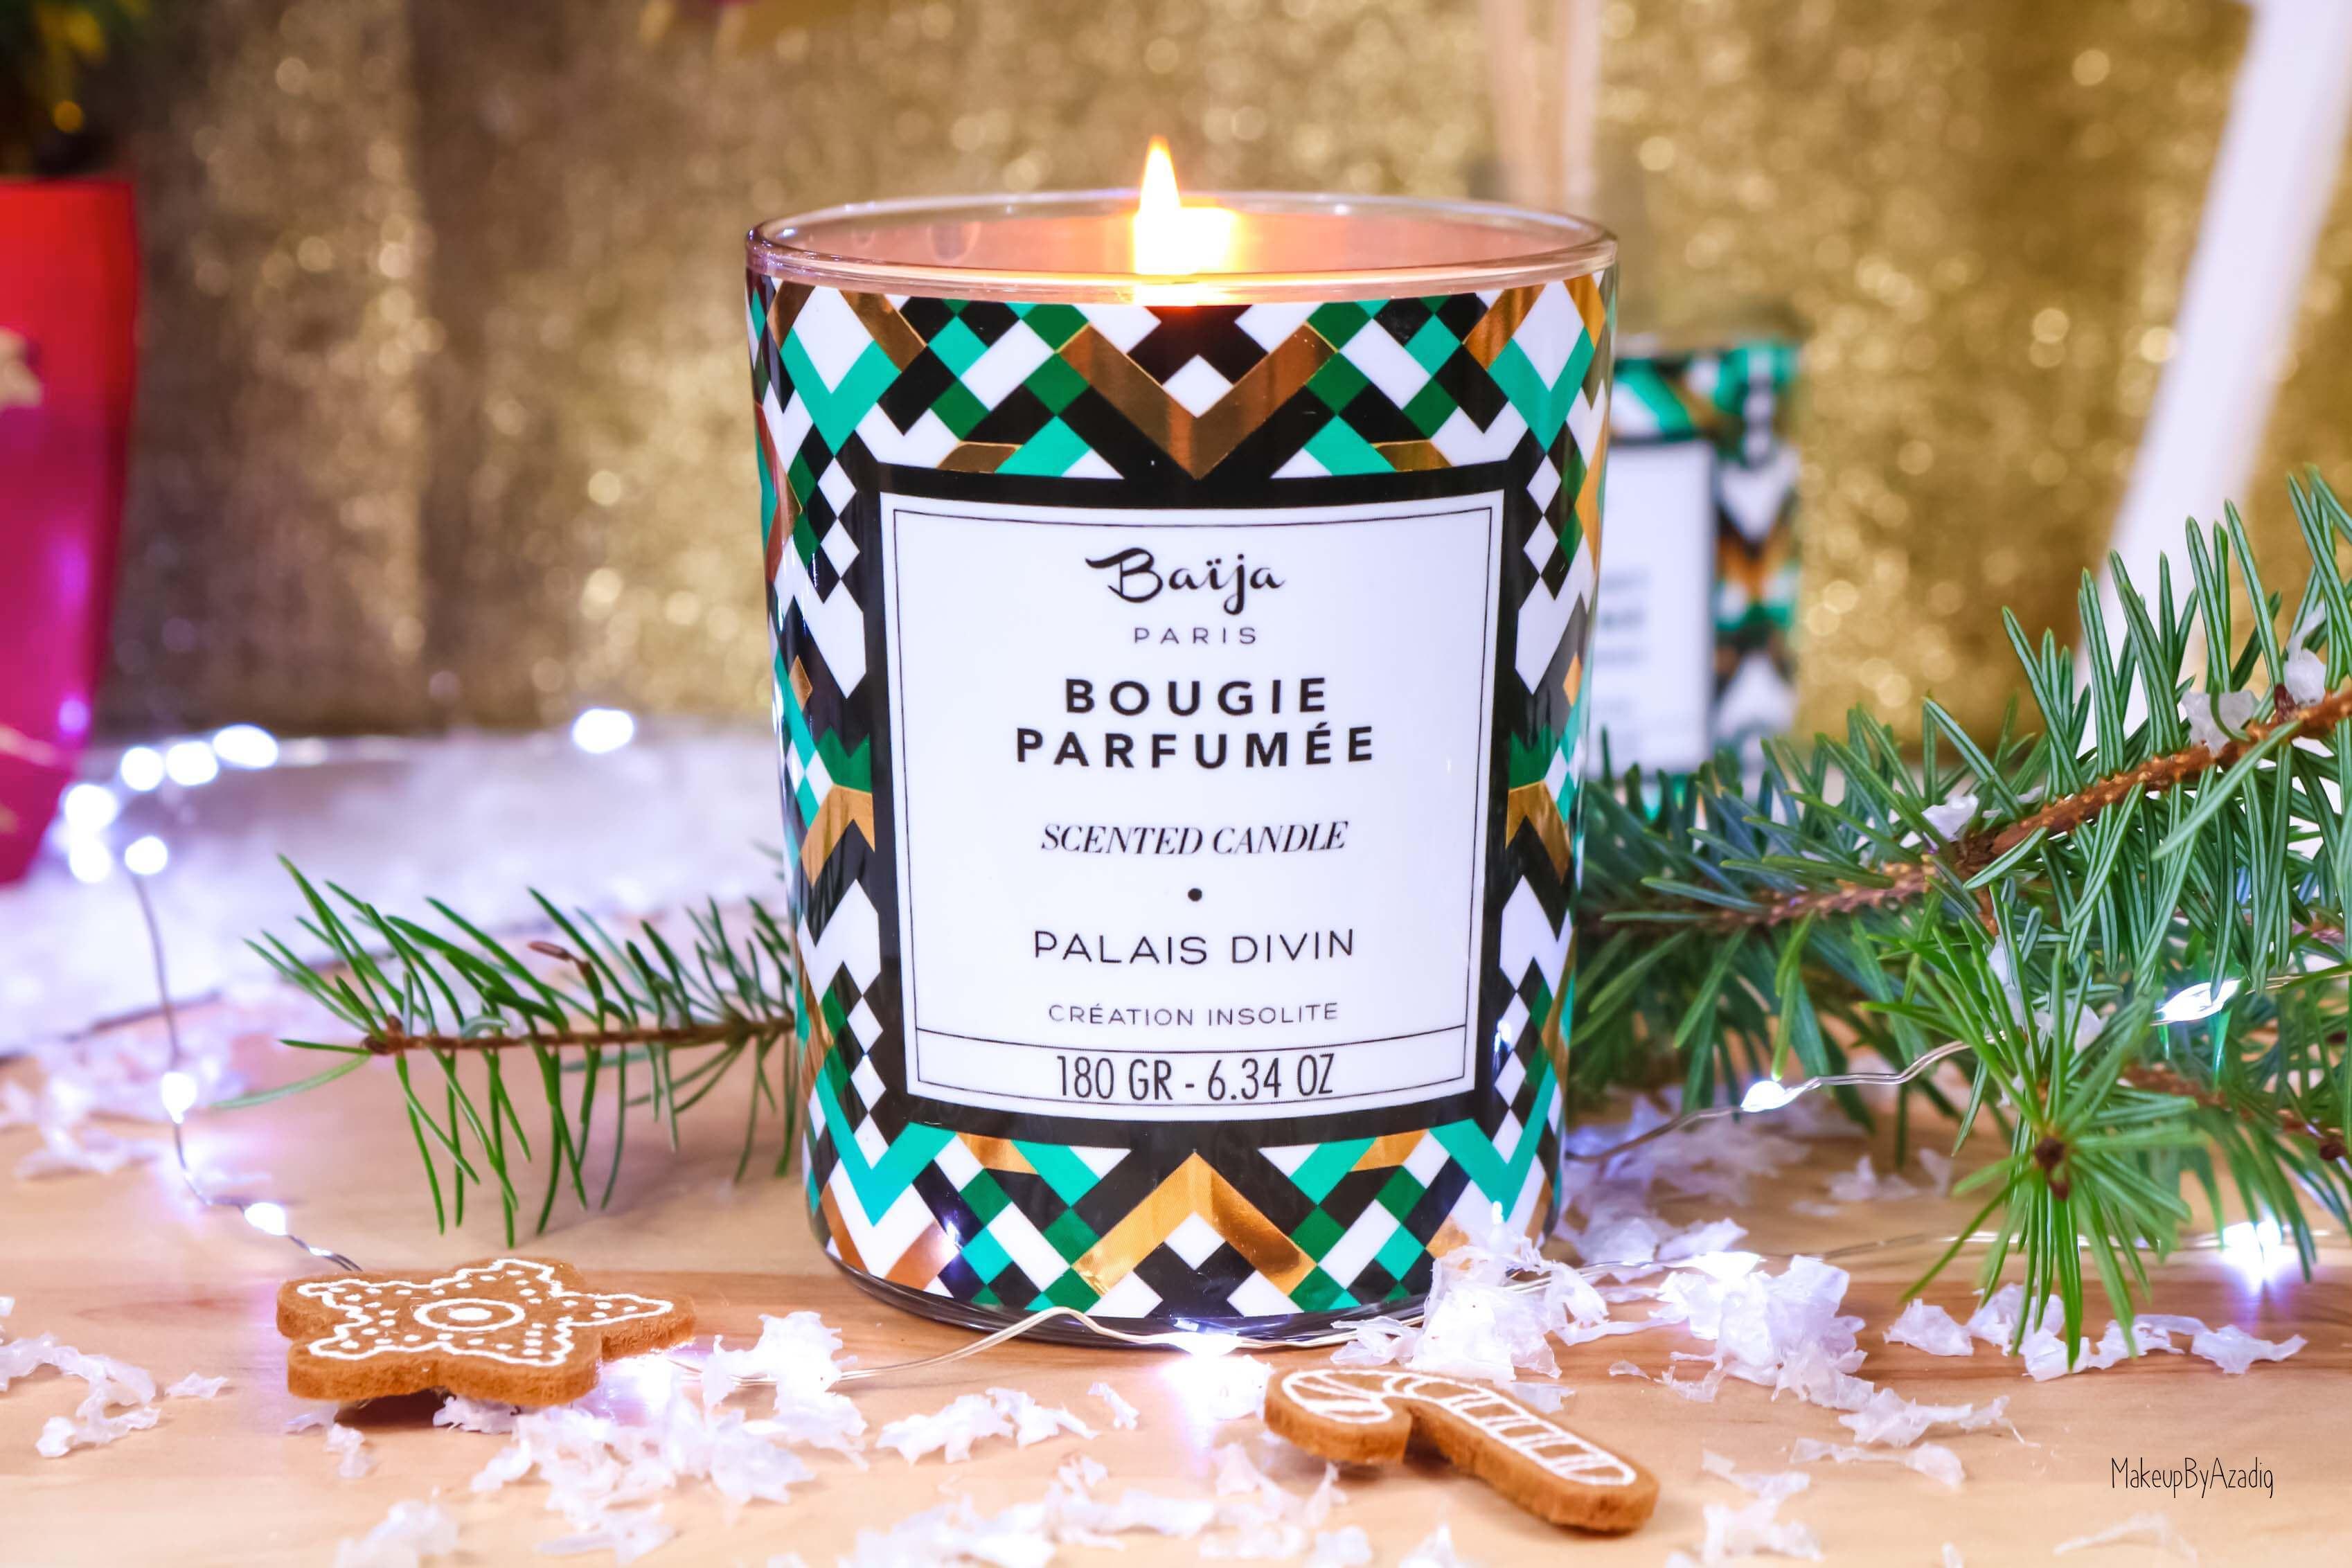 nouveaute-parfum-interieur-maison-baija-palais-divin-ambre-vanille-bougie-savon-marseille-bouquet-avis-prix-makeupbyazadig-creation